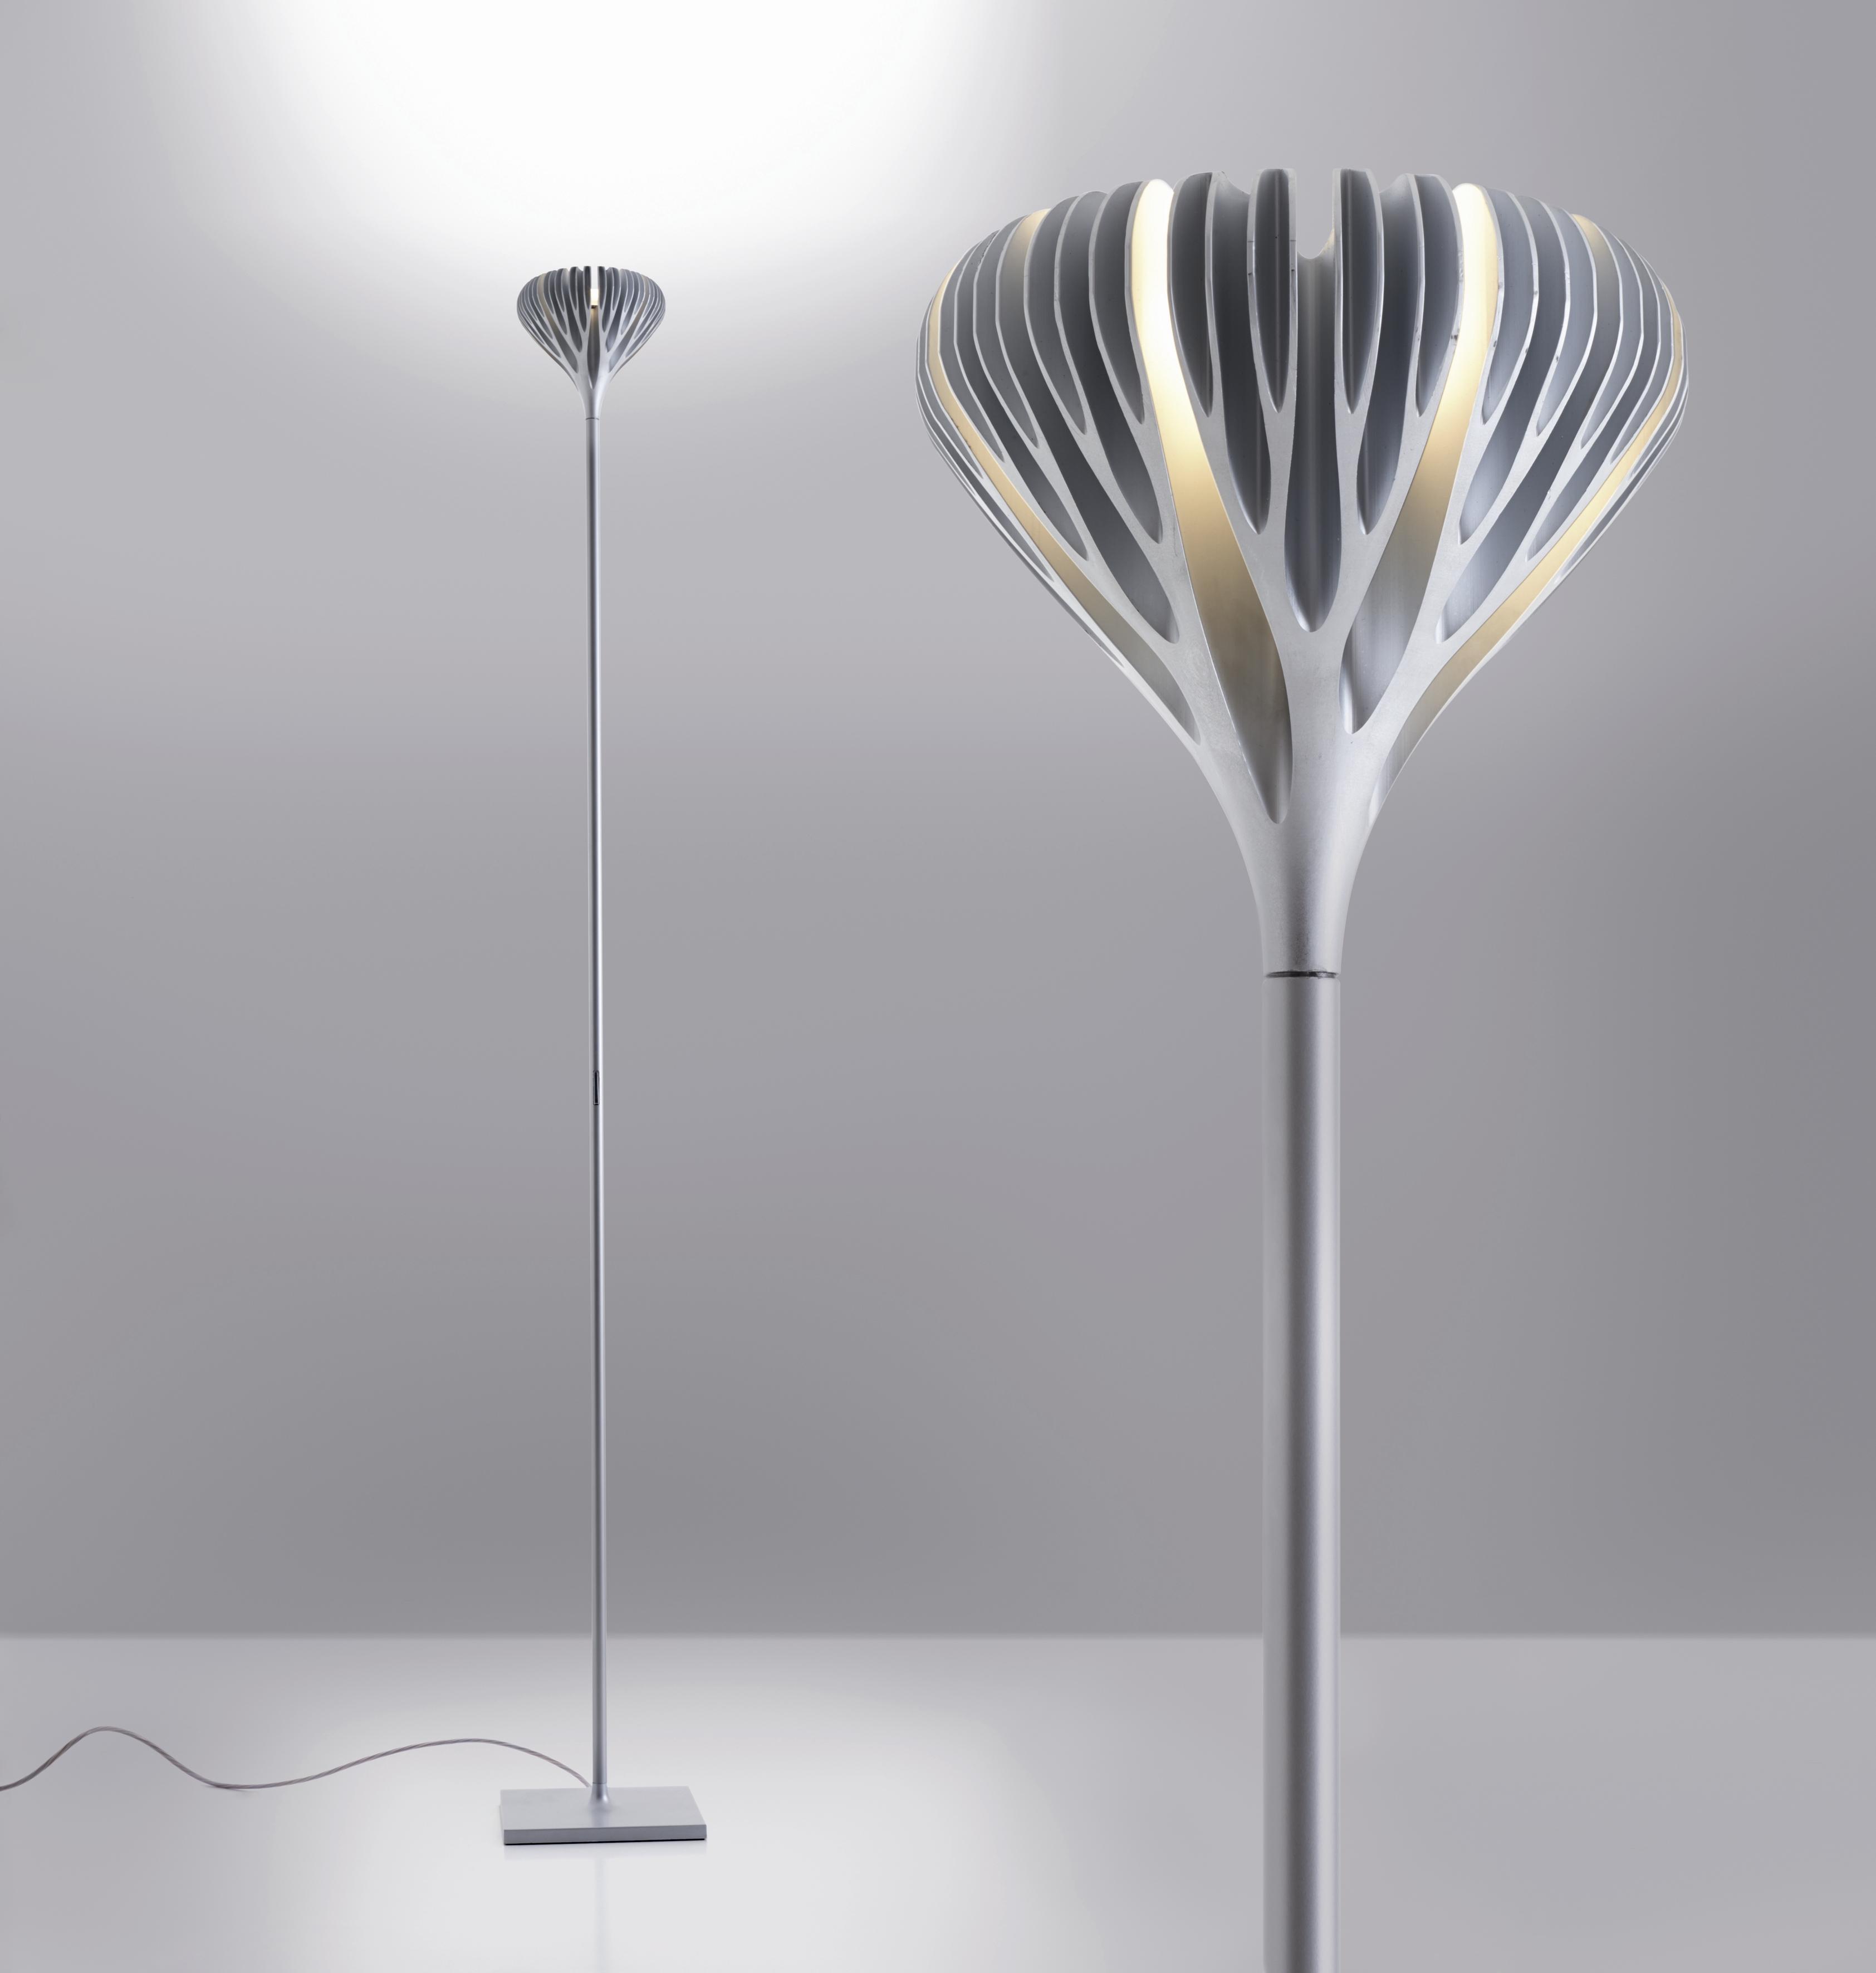 artemide hayinstyle. Black Bedroom Furniture Sets. Home Design Ideas